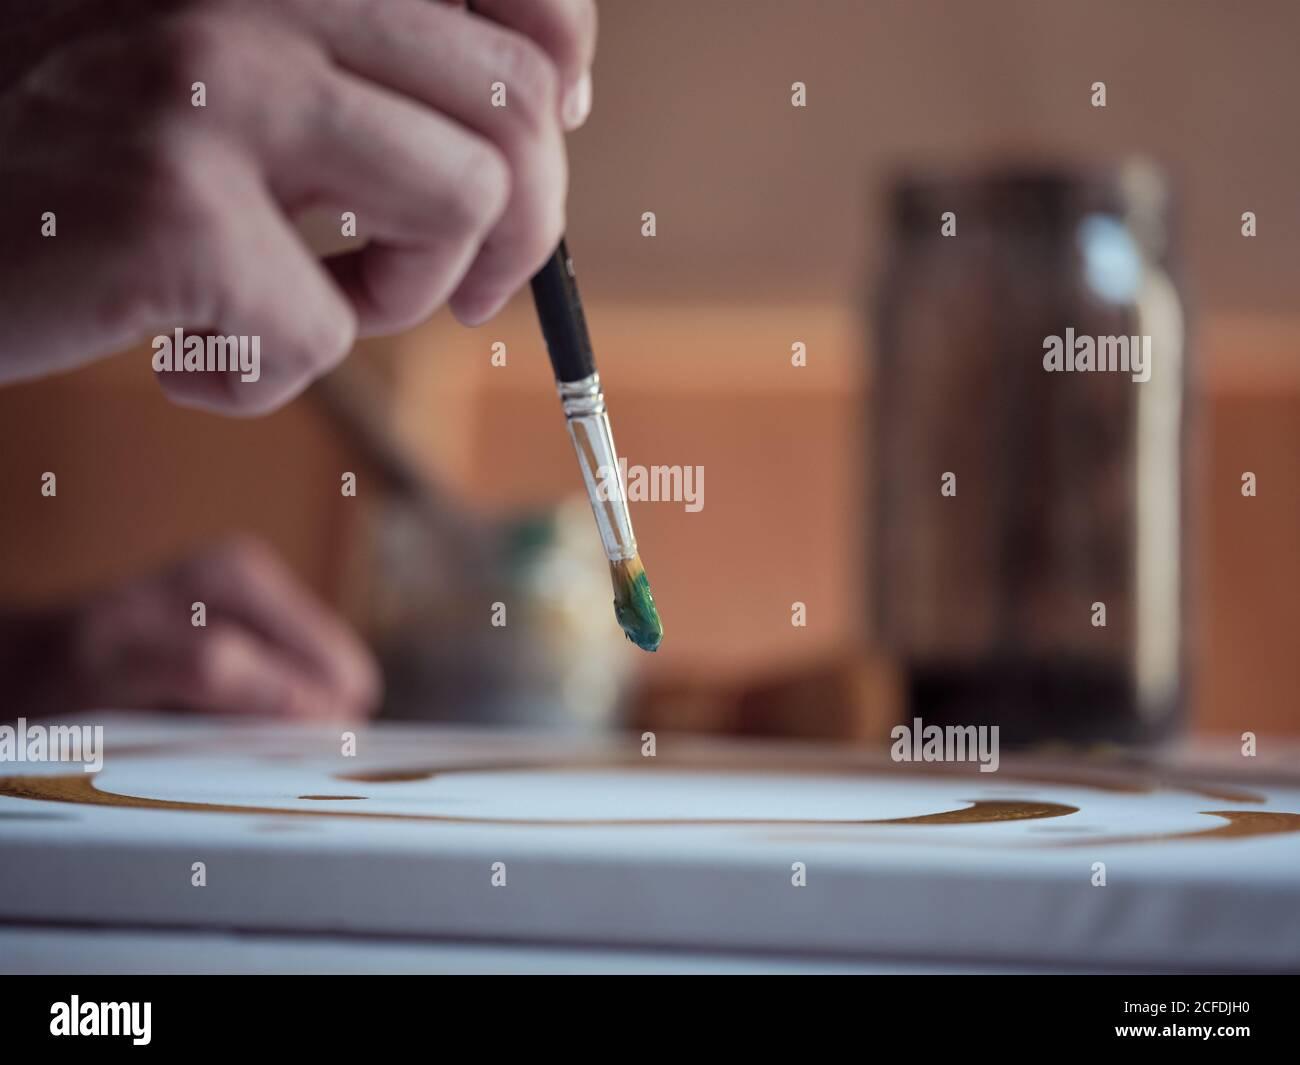 Gros plan main de l'artiste anonyme utilisant le pinceau et la peinture verte pour dessiner une image sur un canevas en studio Banque D'Images